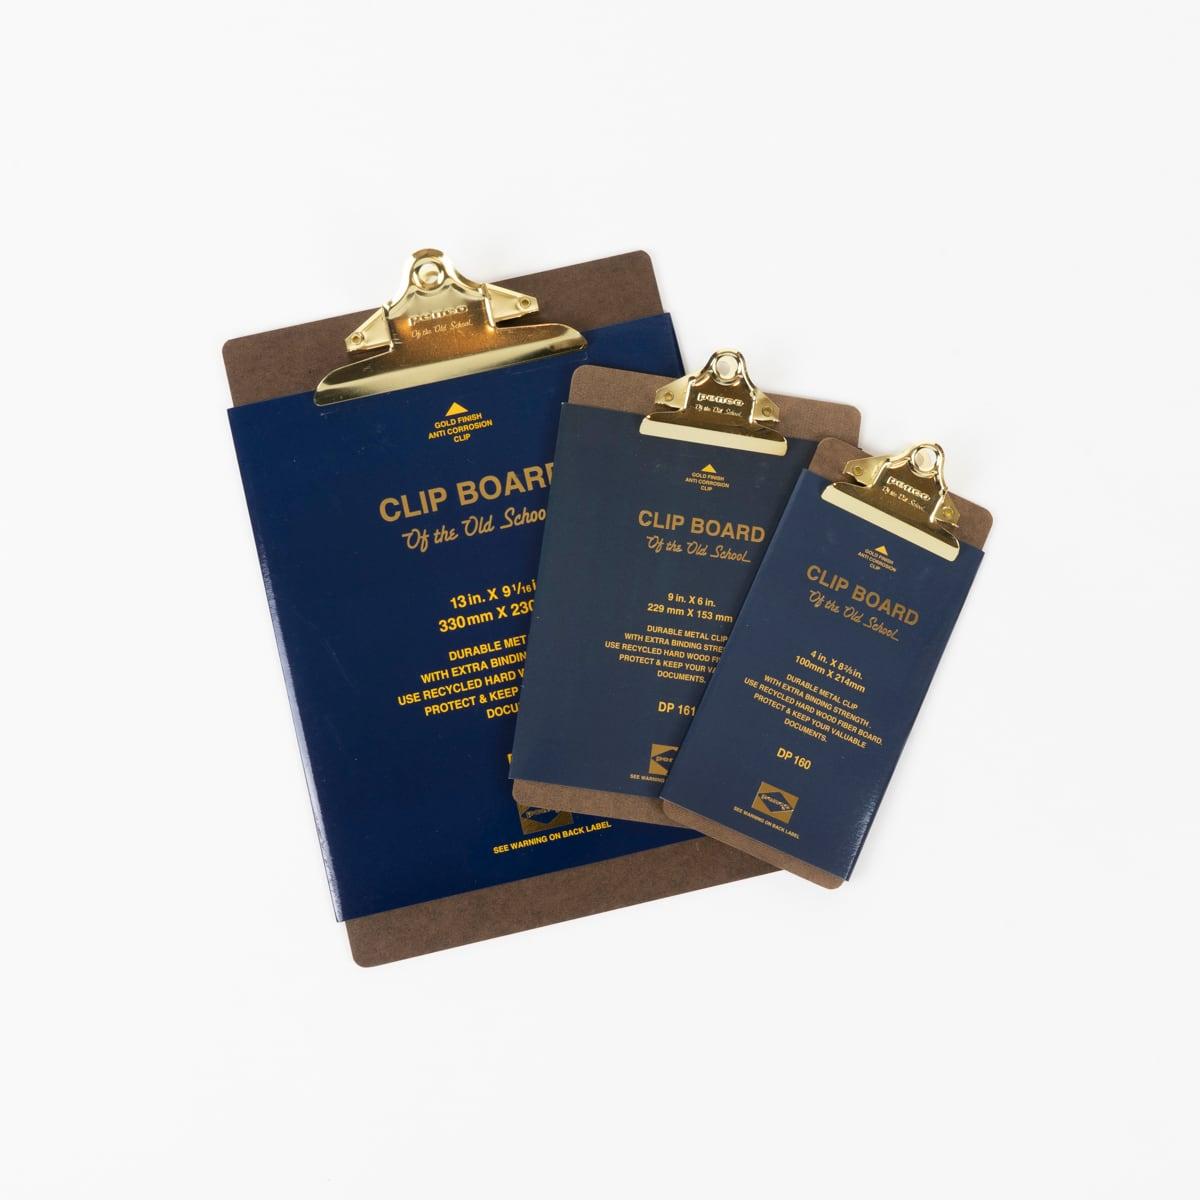 Penco Clipboard O/S Gold - Check   HIGHTIDE